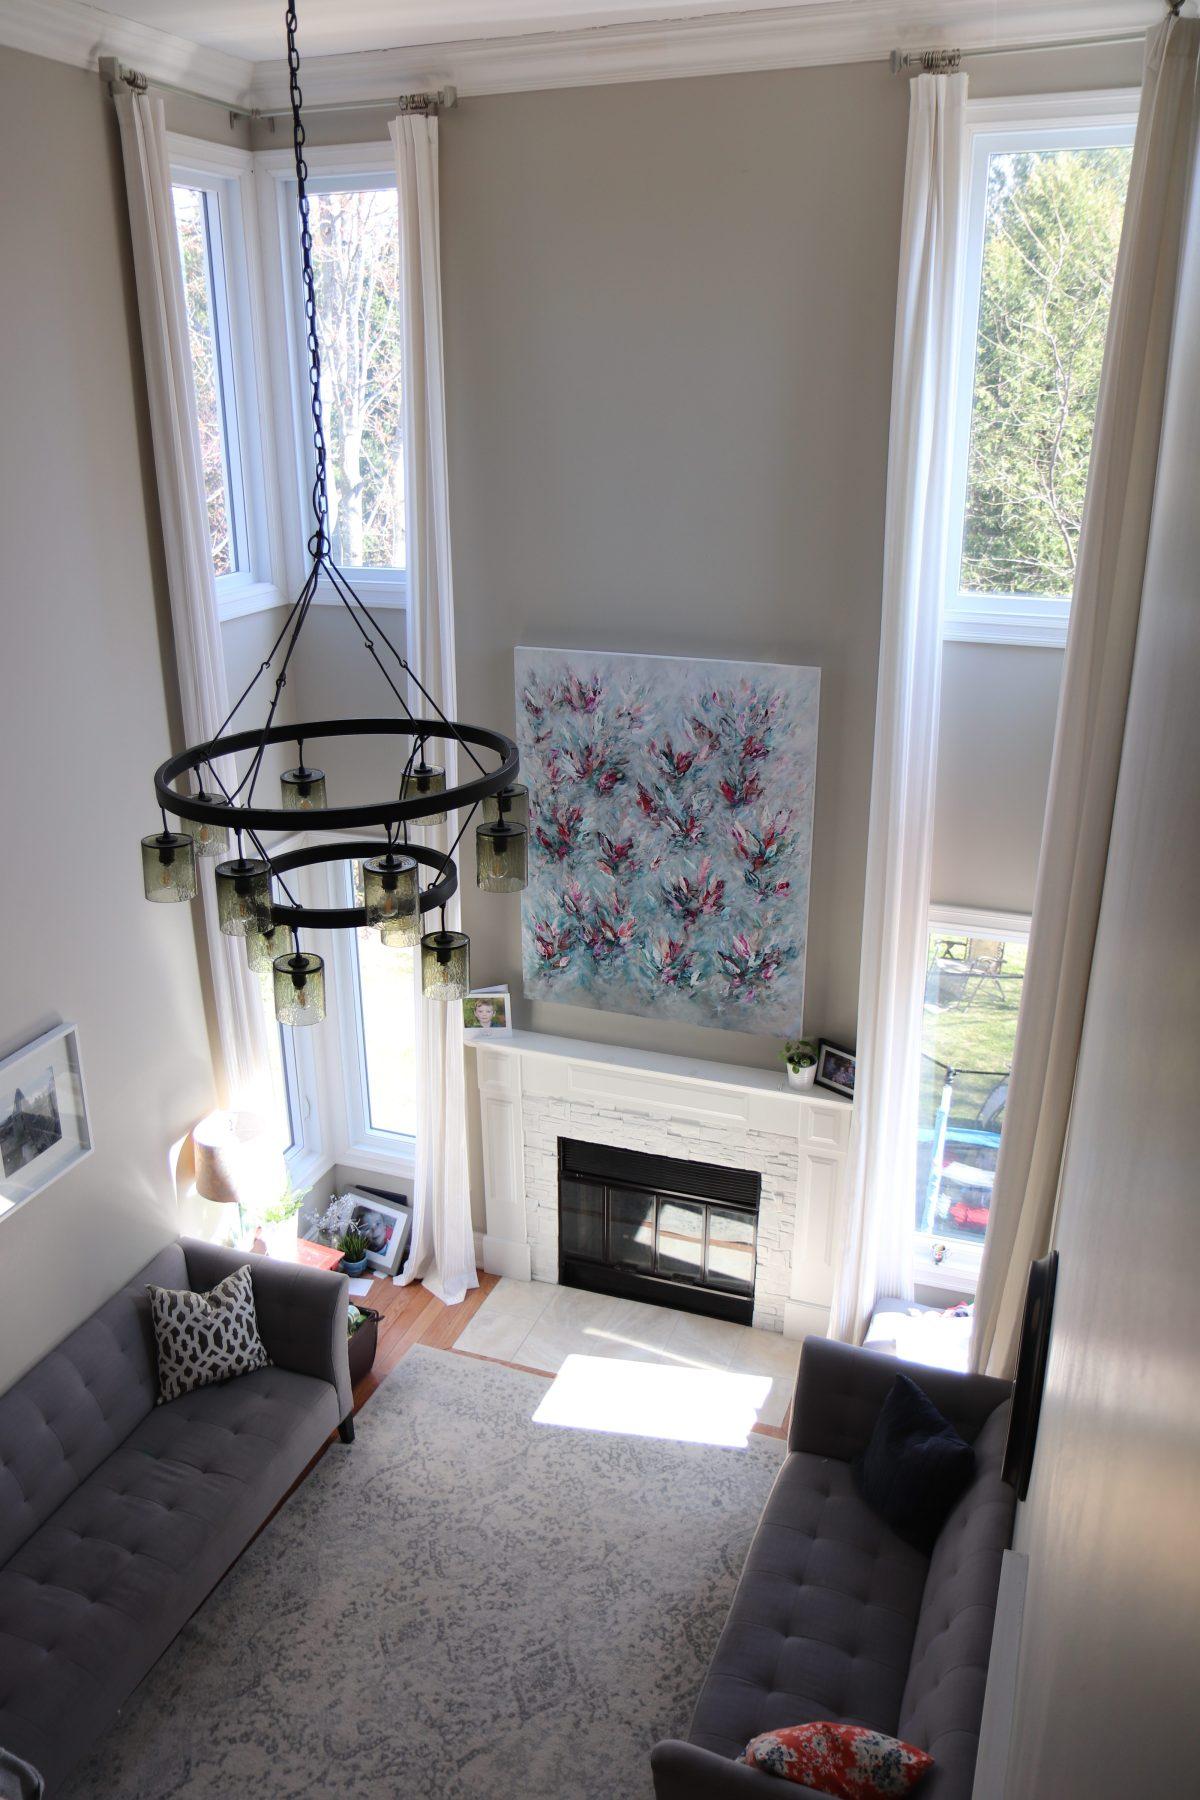 Vertical artwork in high ceiling room